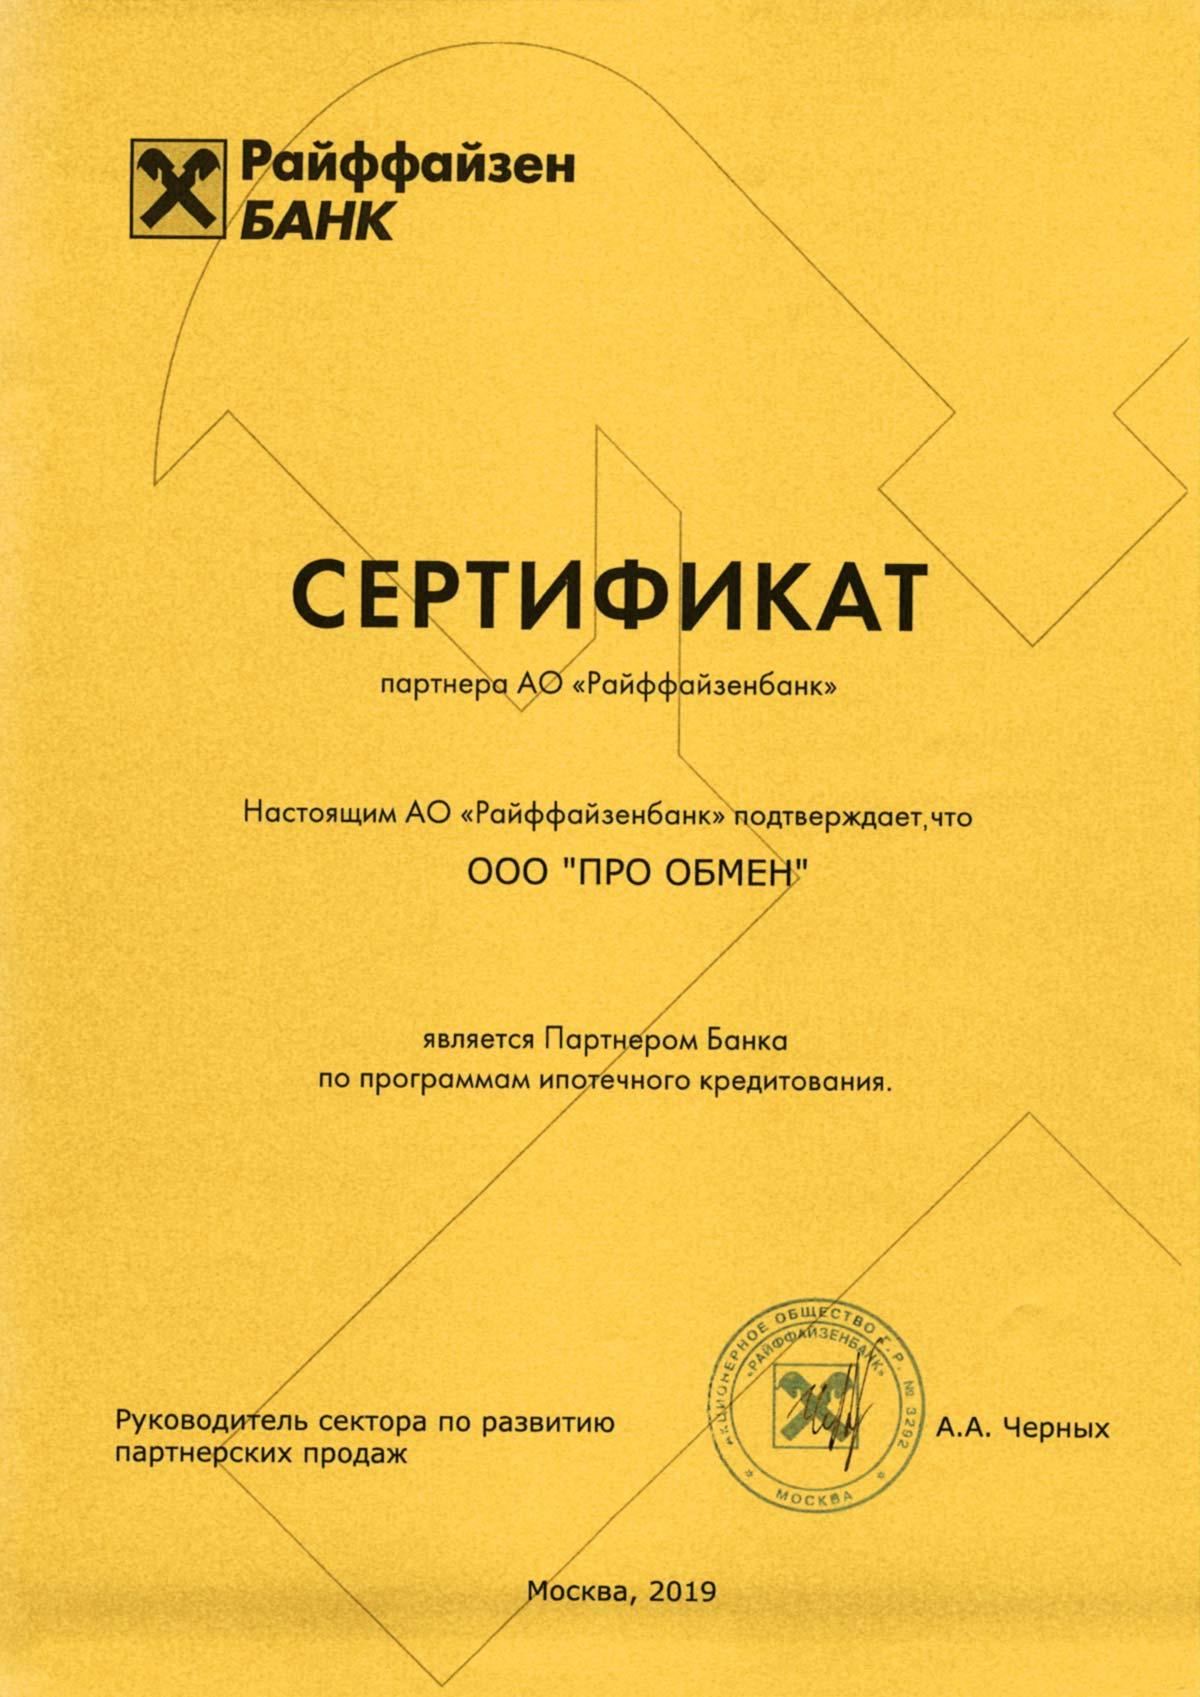 «PRO ОБМЕН» - сертификат партнера по ипотечному кредитованию АО «Райффайзенбанк»